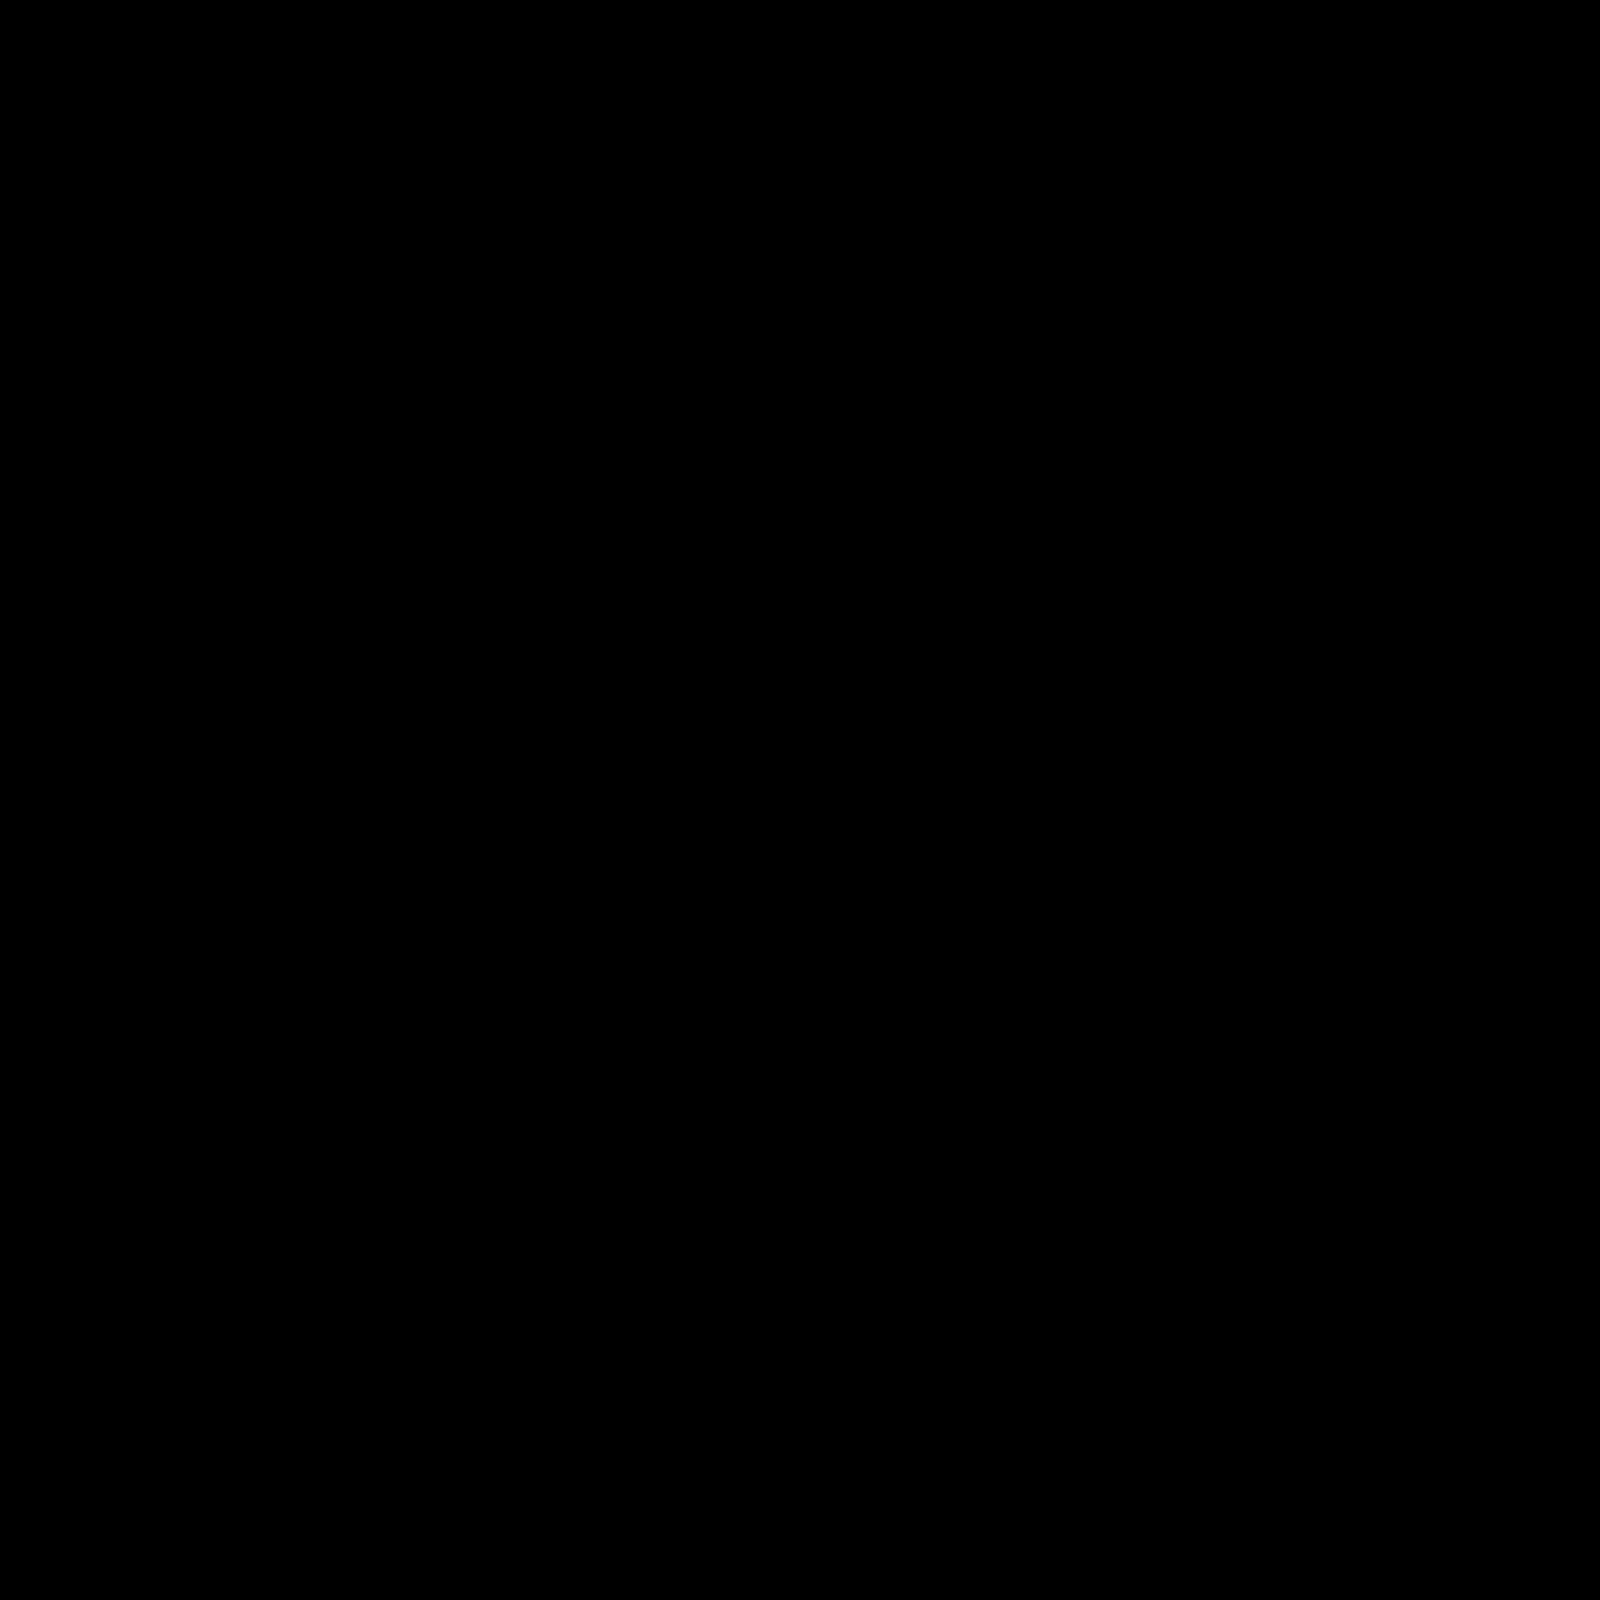 Wypełniona Anuluj icon